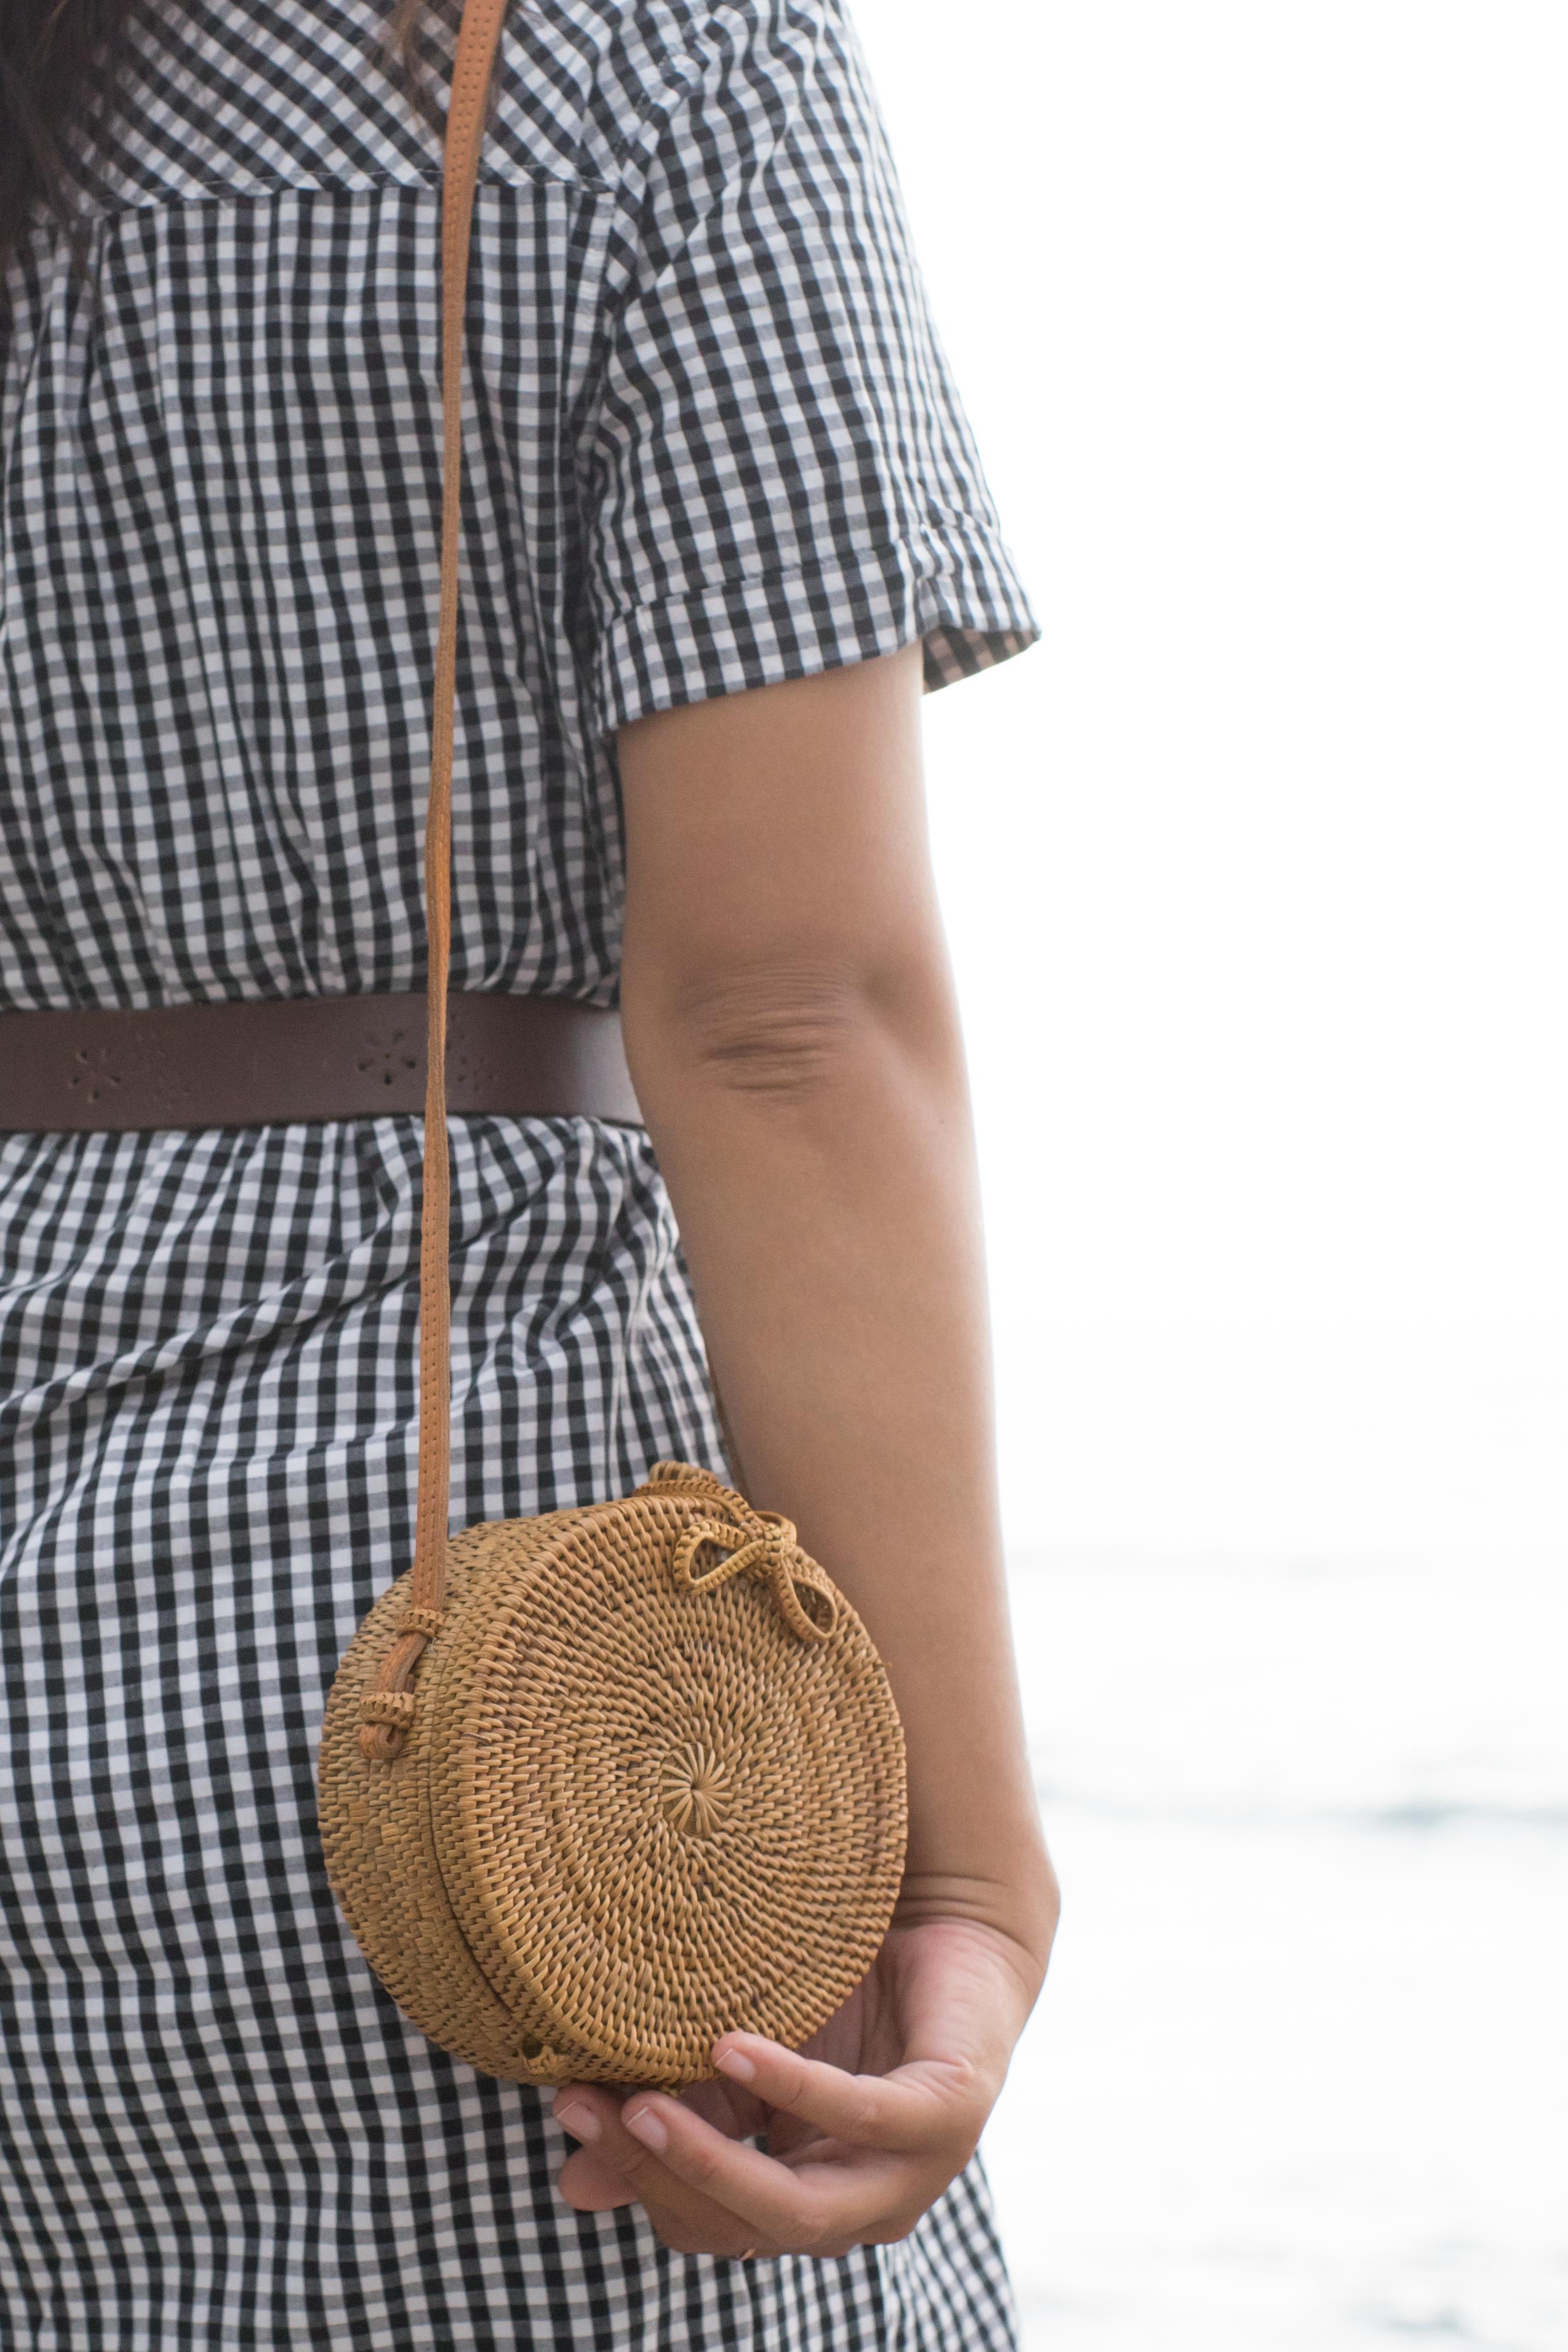 PolkaDee Mini Rattan Straw Bag